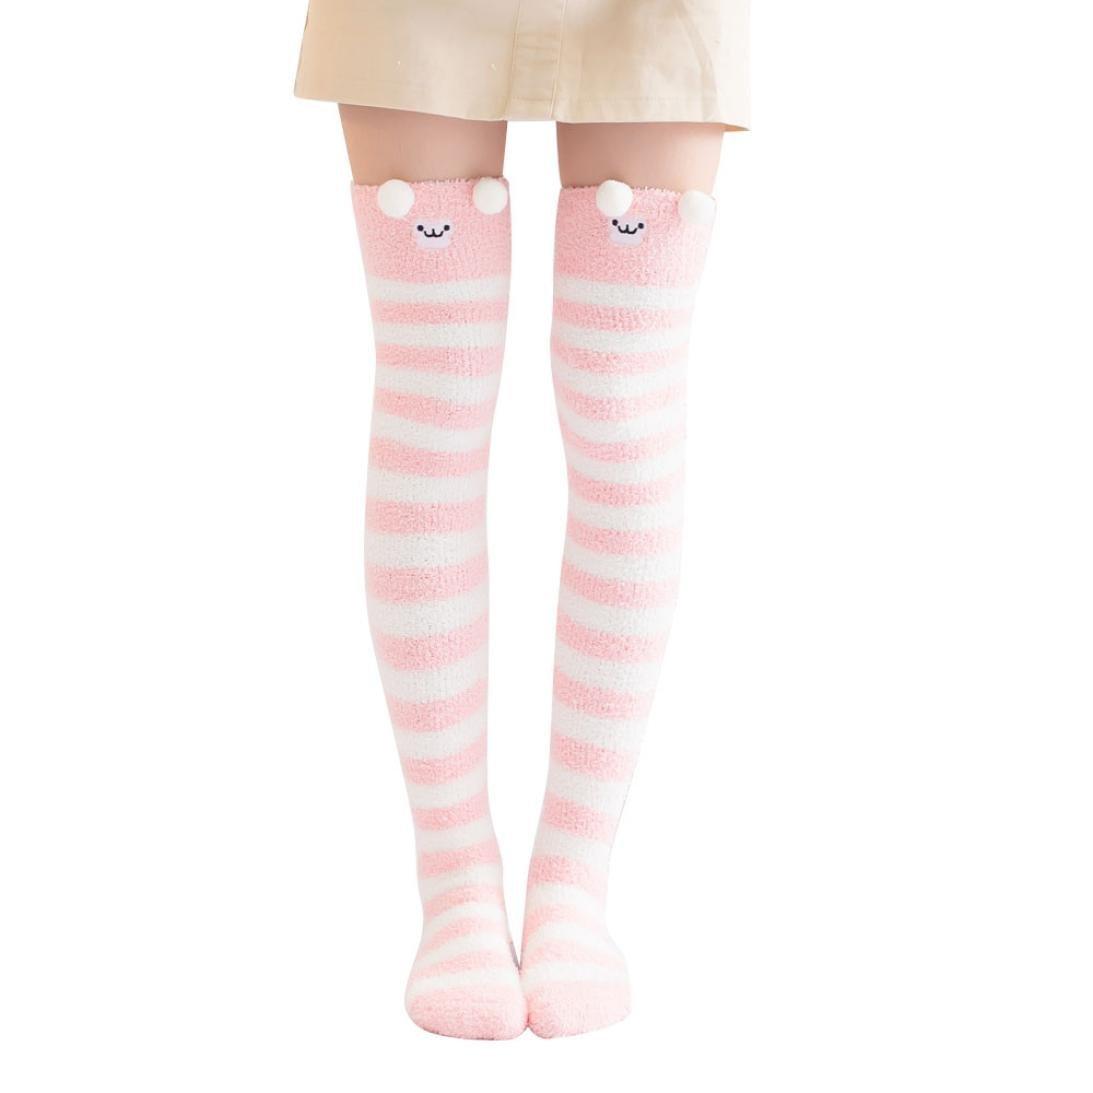 d717d2973f6a2 Get Quotations · Cute Thigh Socks, Charberry Women Winter Cartoon Over Knee  Long Boot Thigh-High Warm